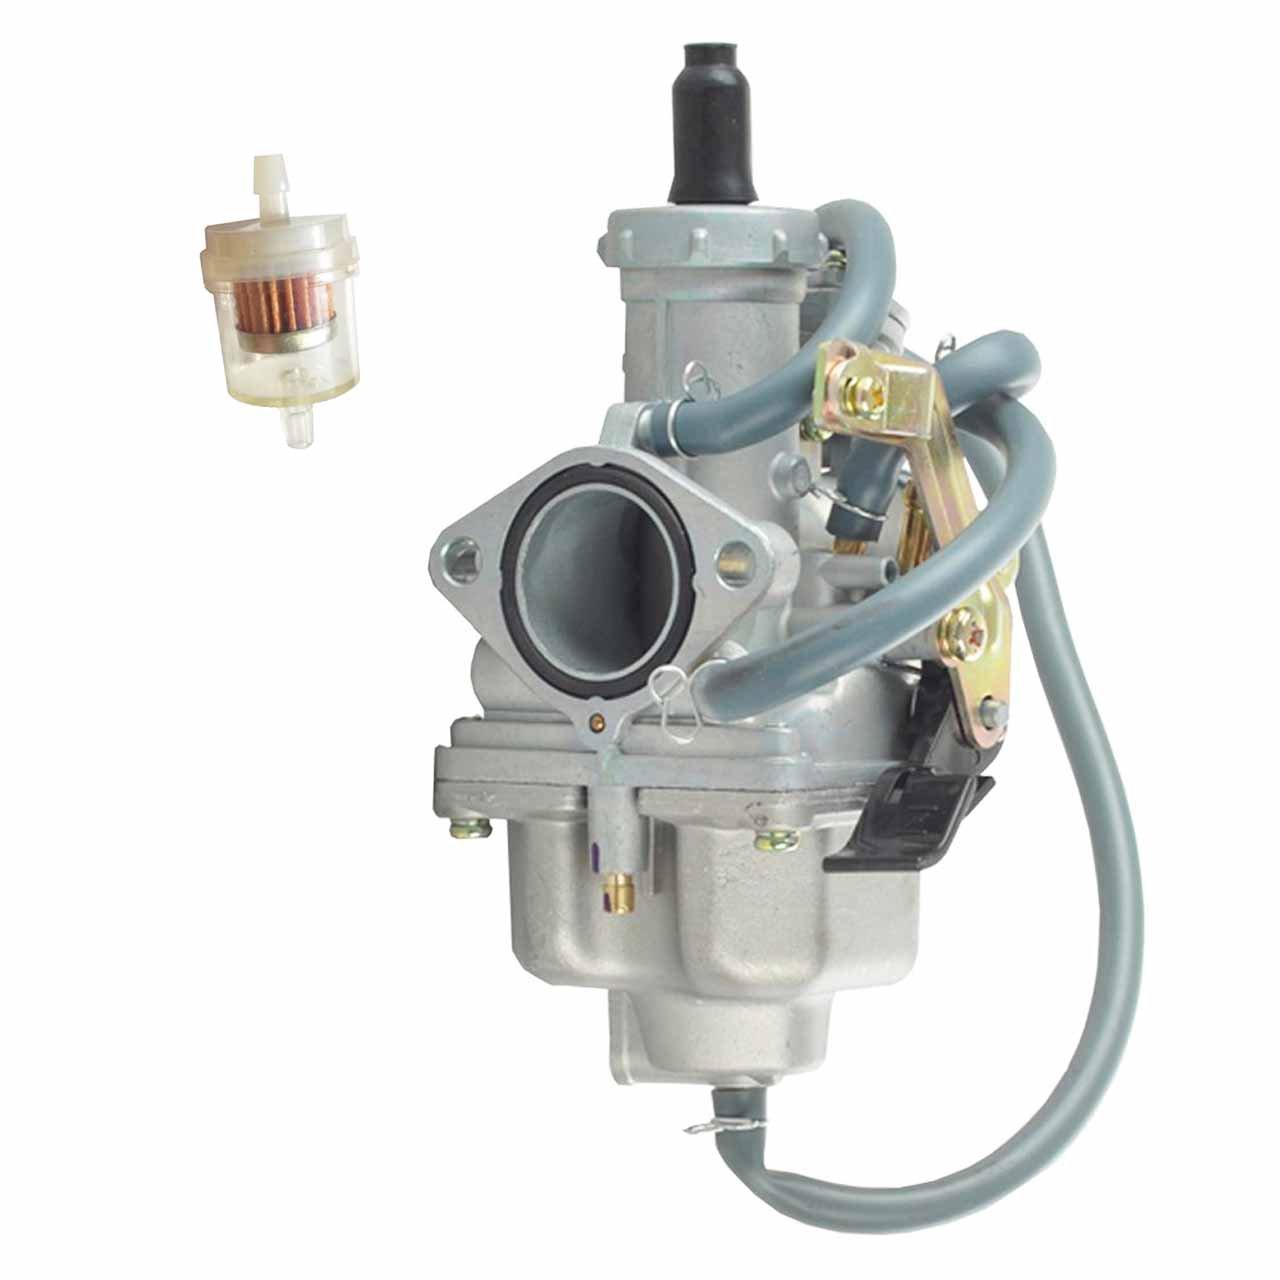 New Carburetor for 1997-2001 Honda TRX 250 TRX250TM TRX250TE Recon ATV AssemblyCarb